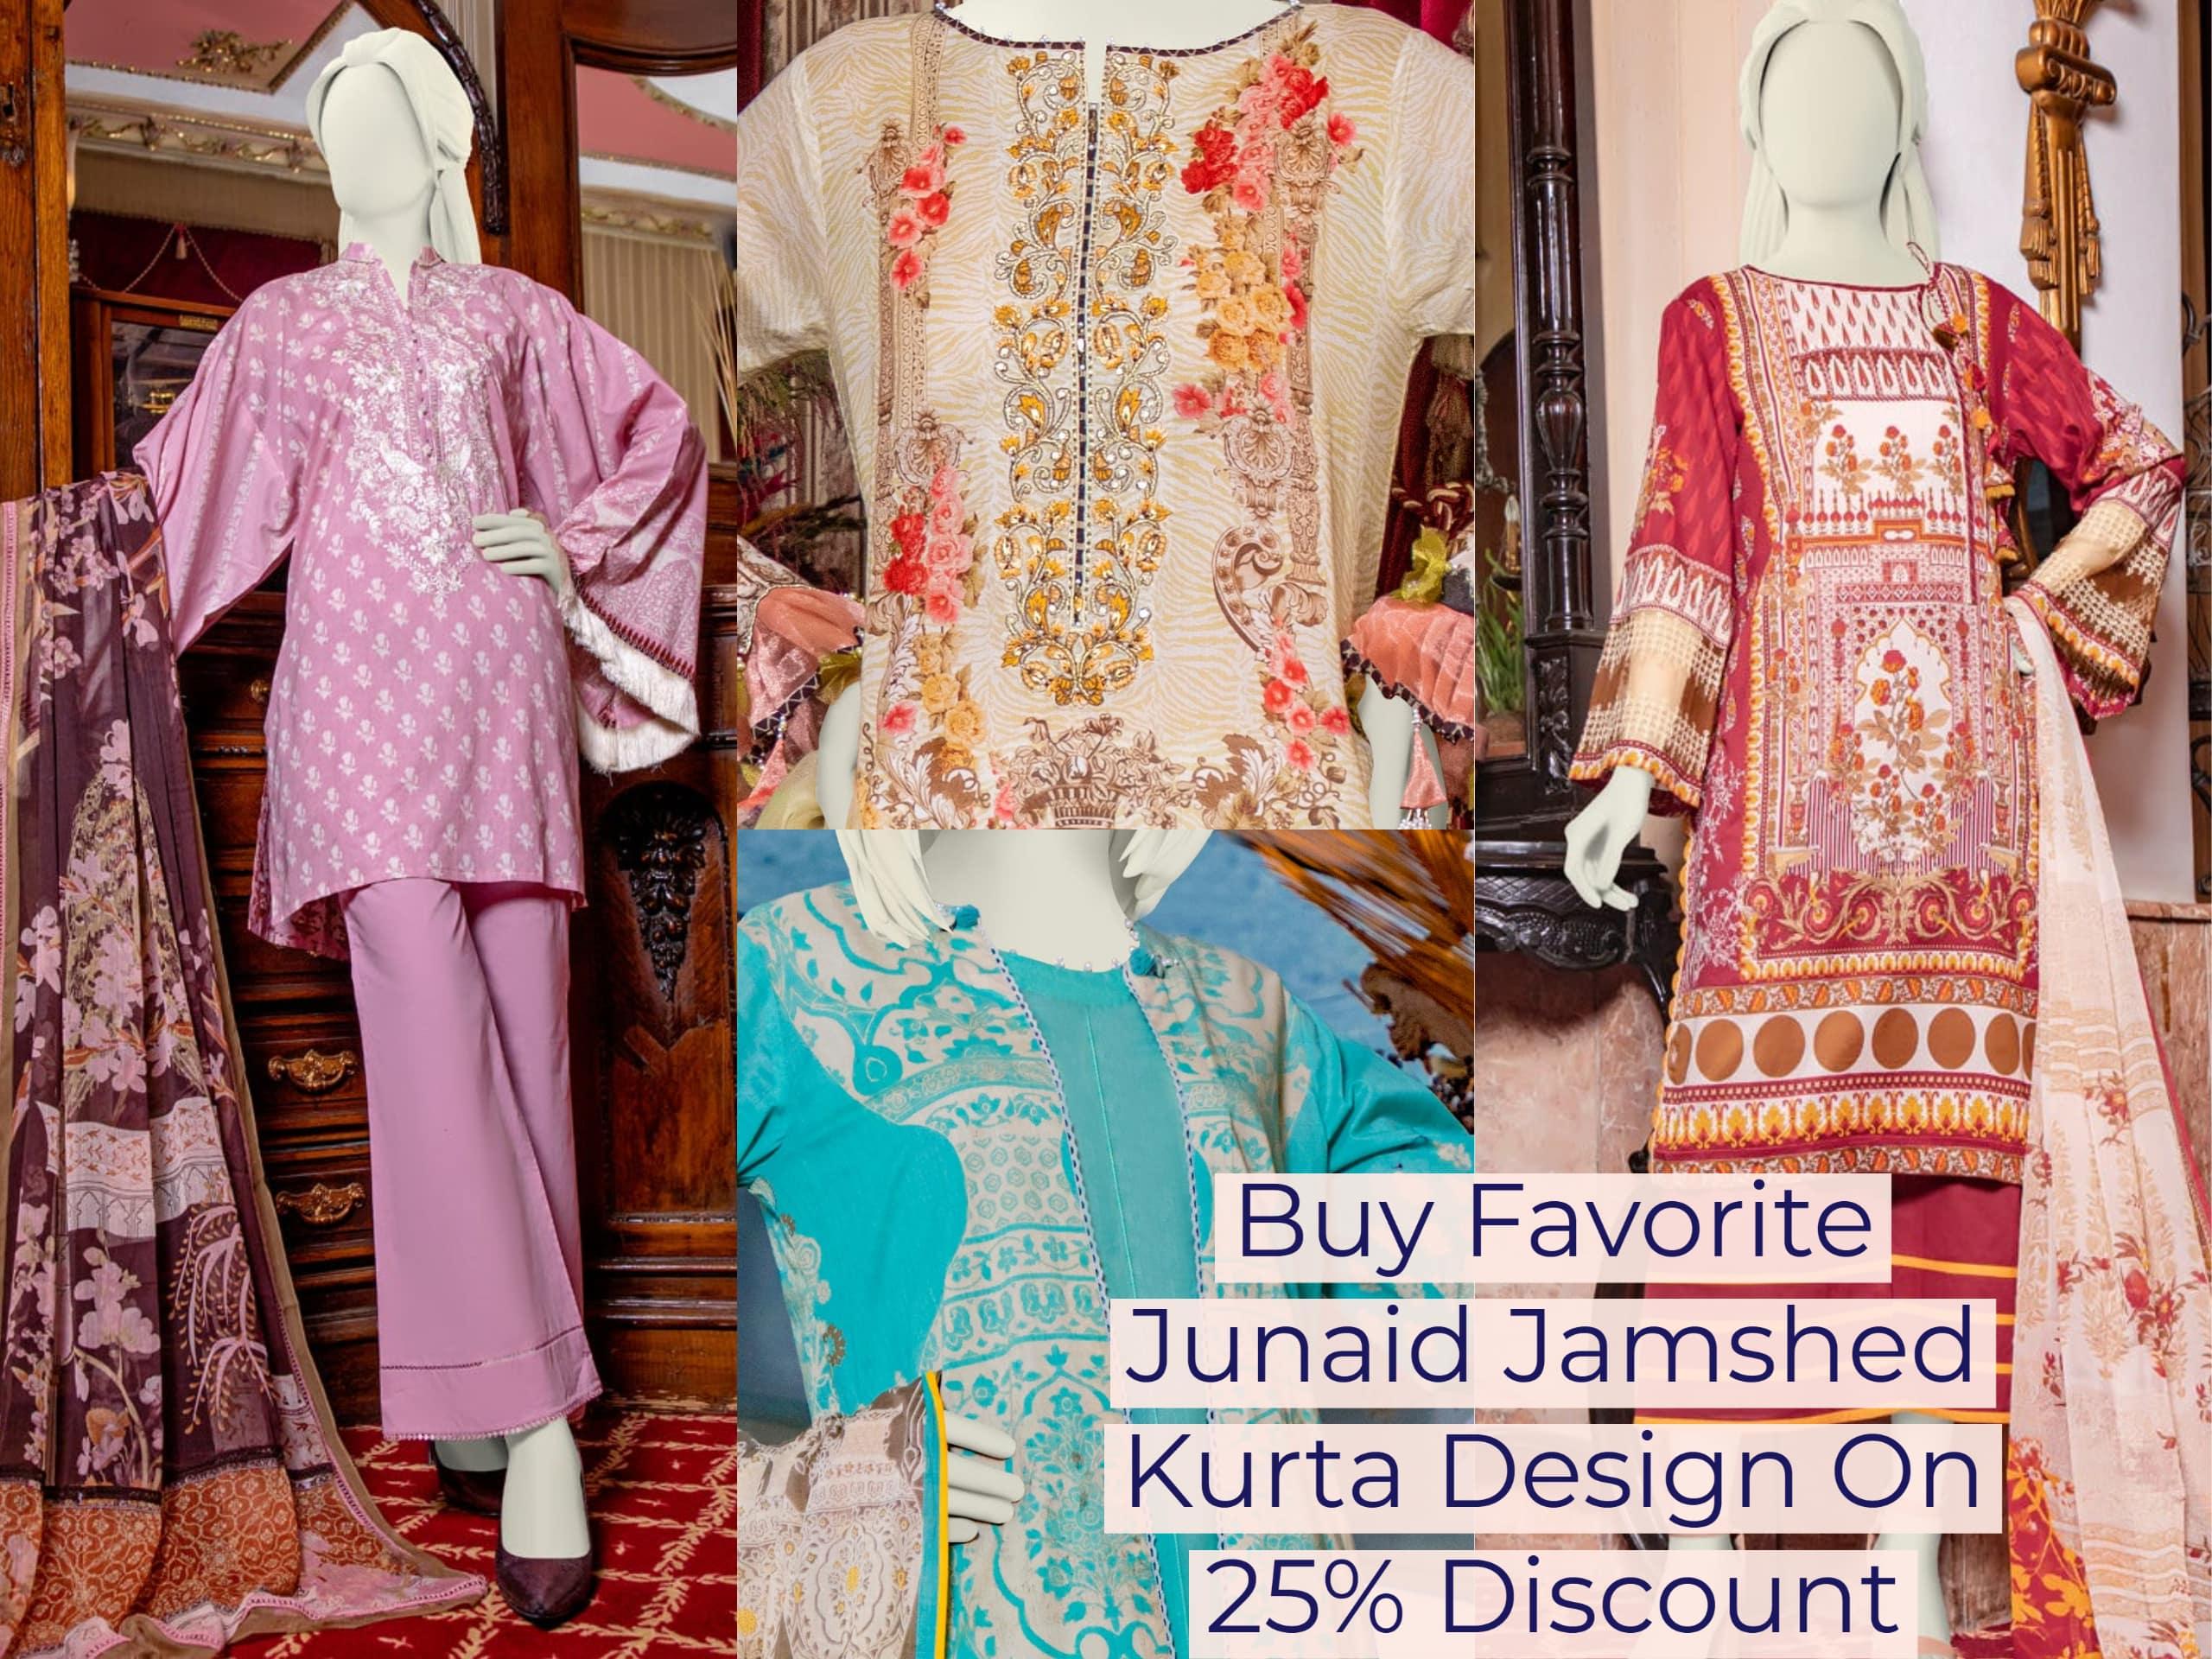 Buy Favorite Junaid Jamshed Kurta Design On 25 Percent Discount